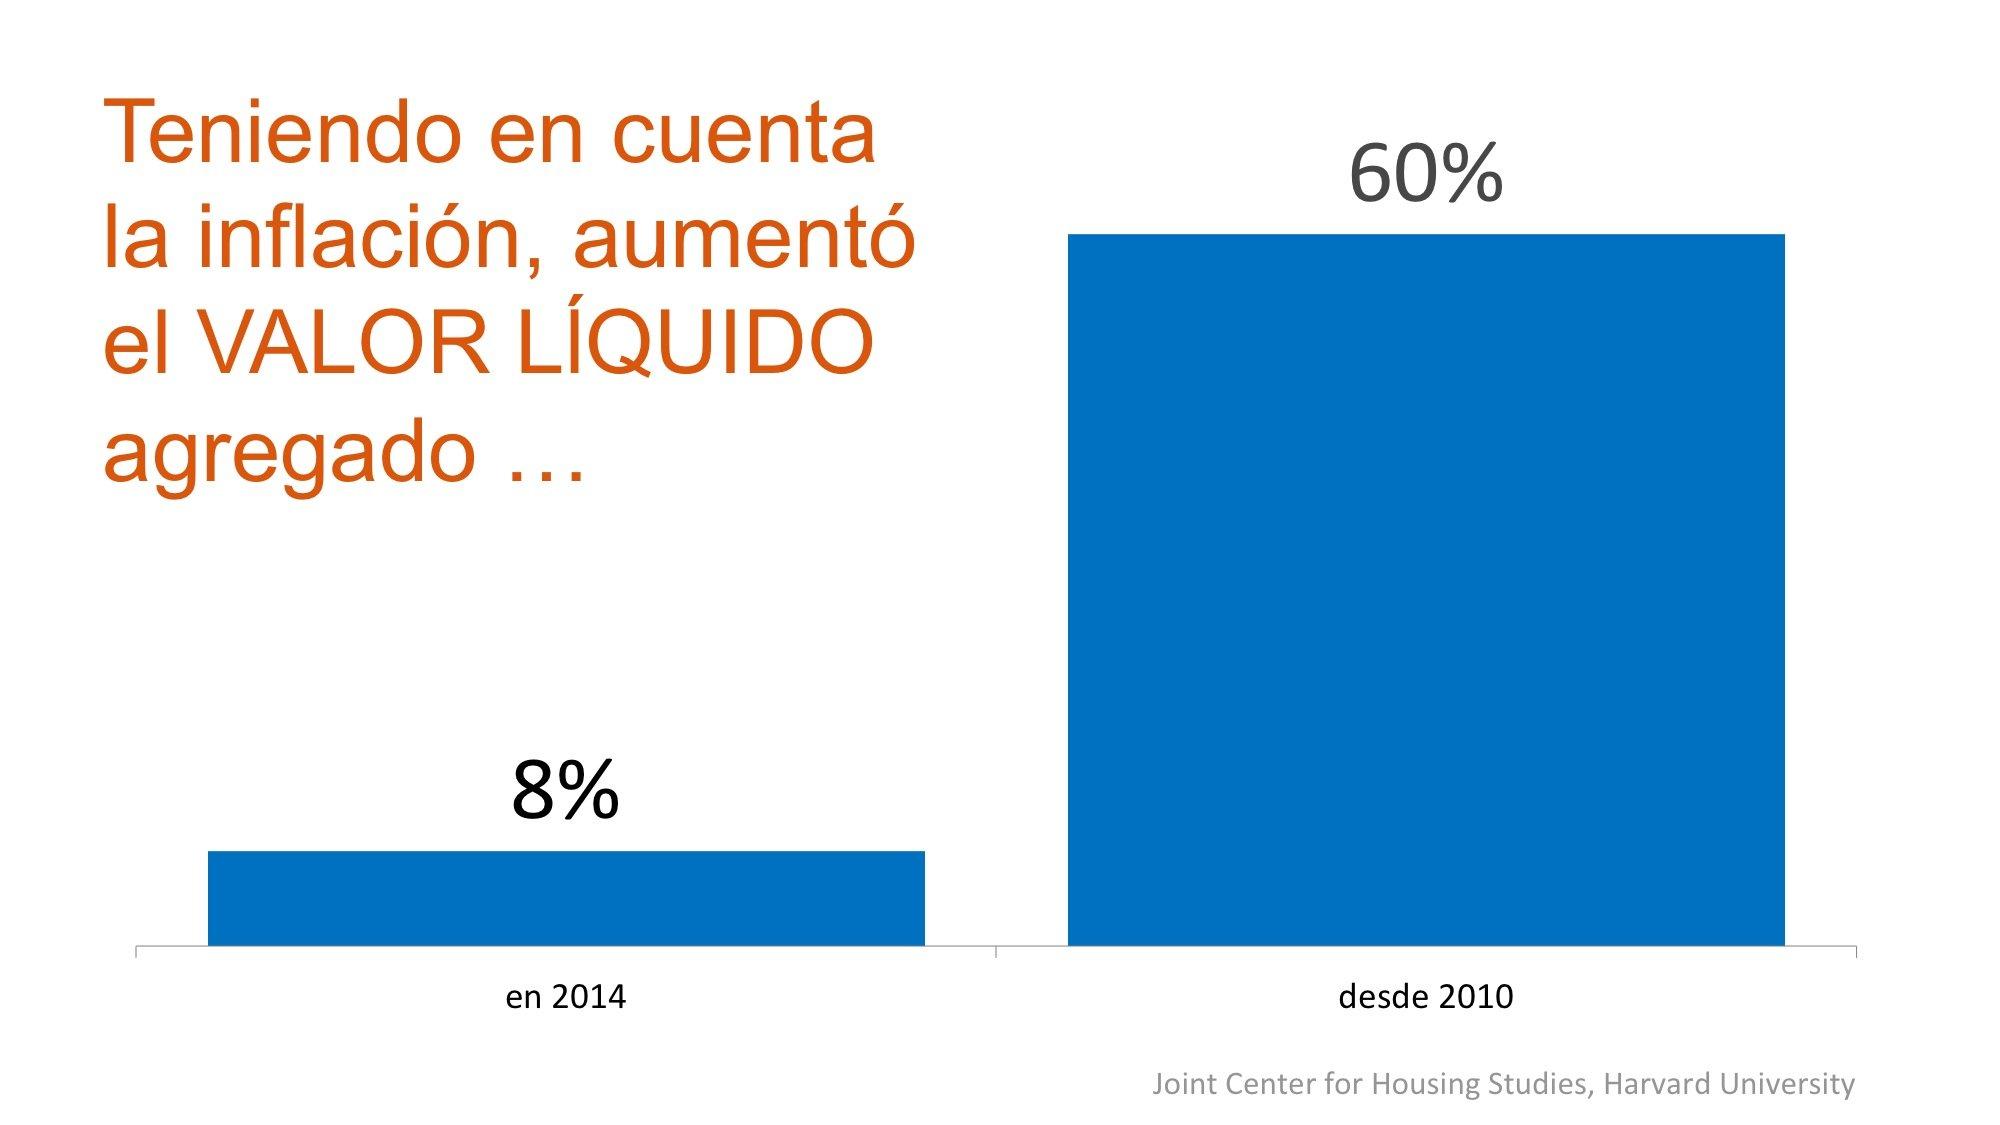 inflacion & el valor liquido  Simplifying The Market